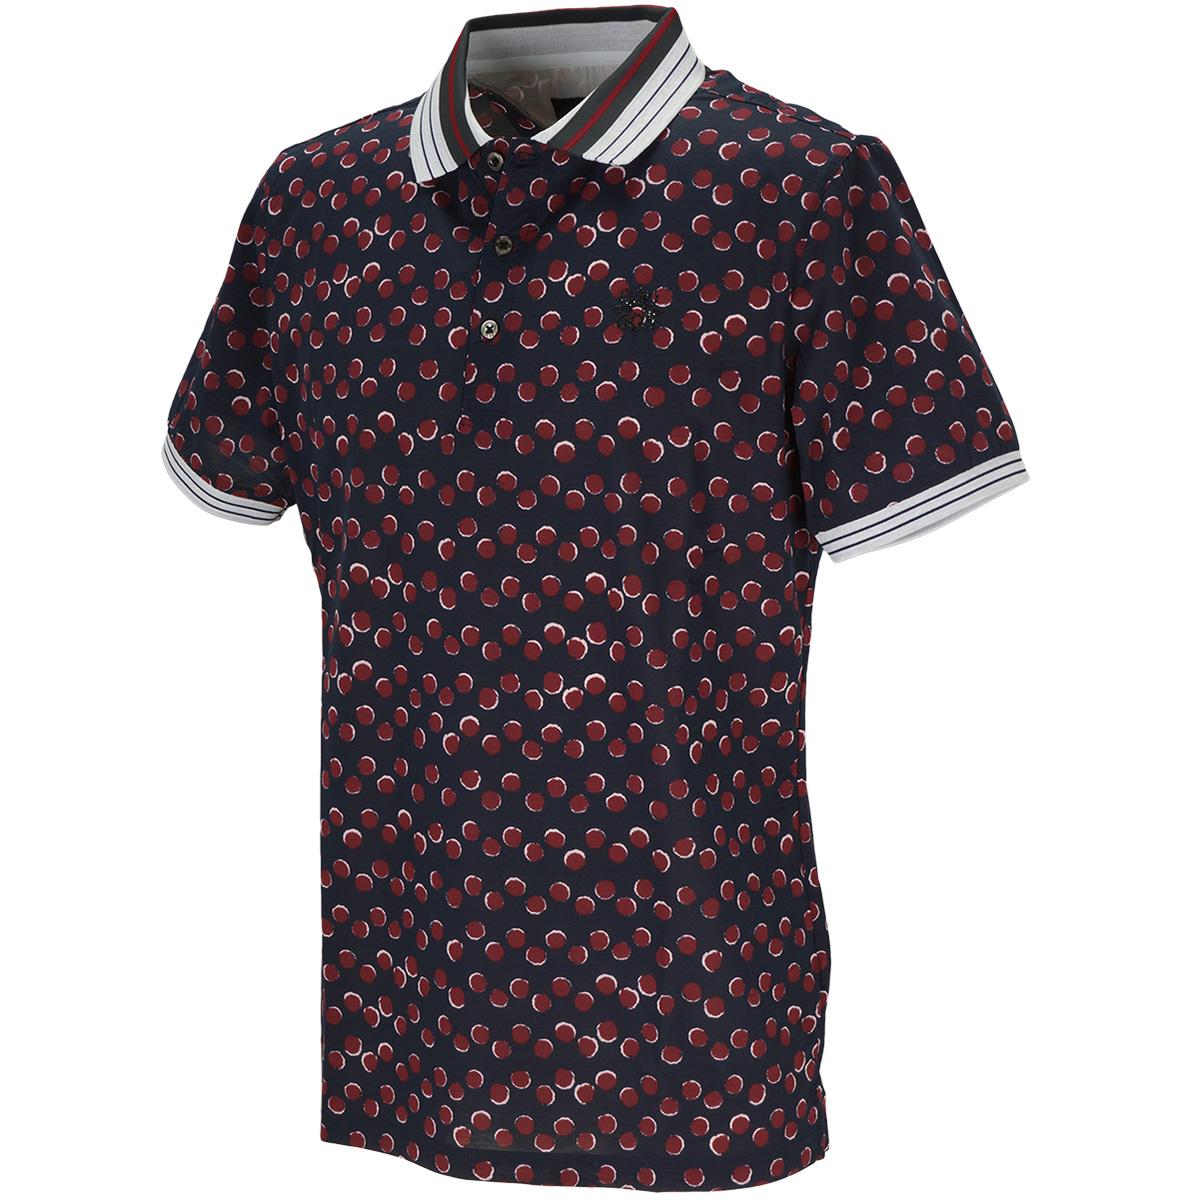 BlackLabel 半回縞ドットプリント半袖ポロシャツ